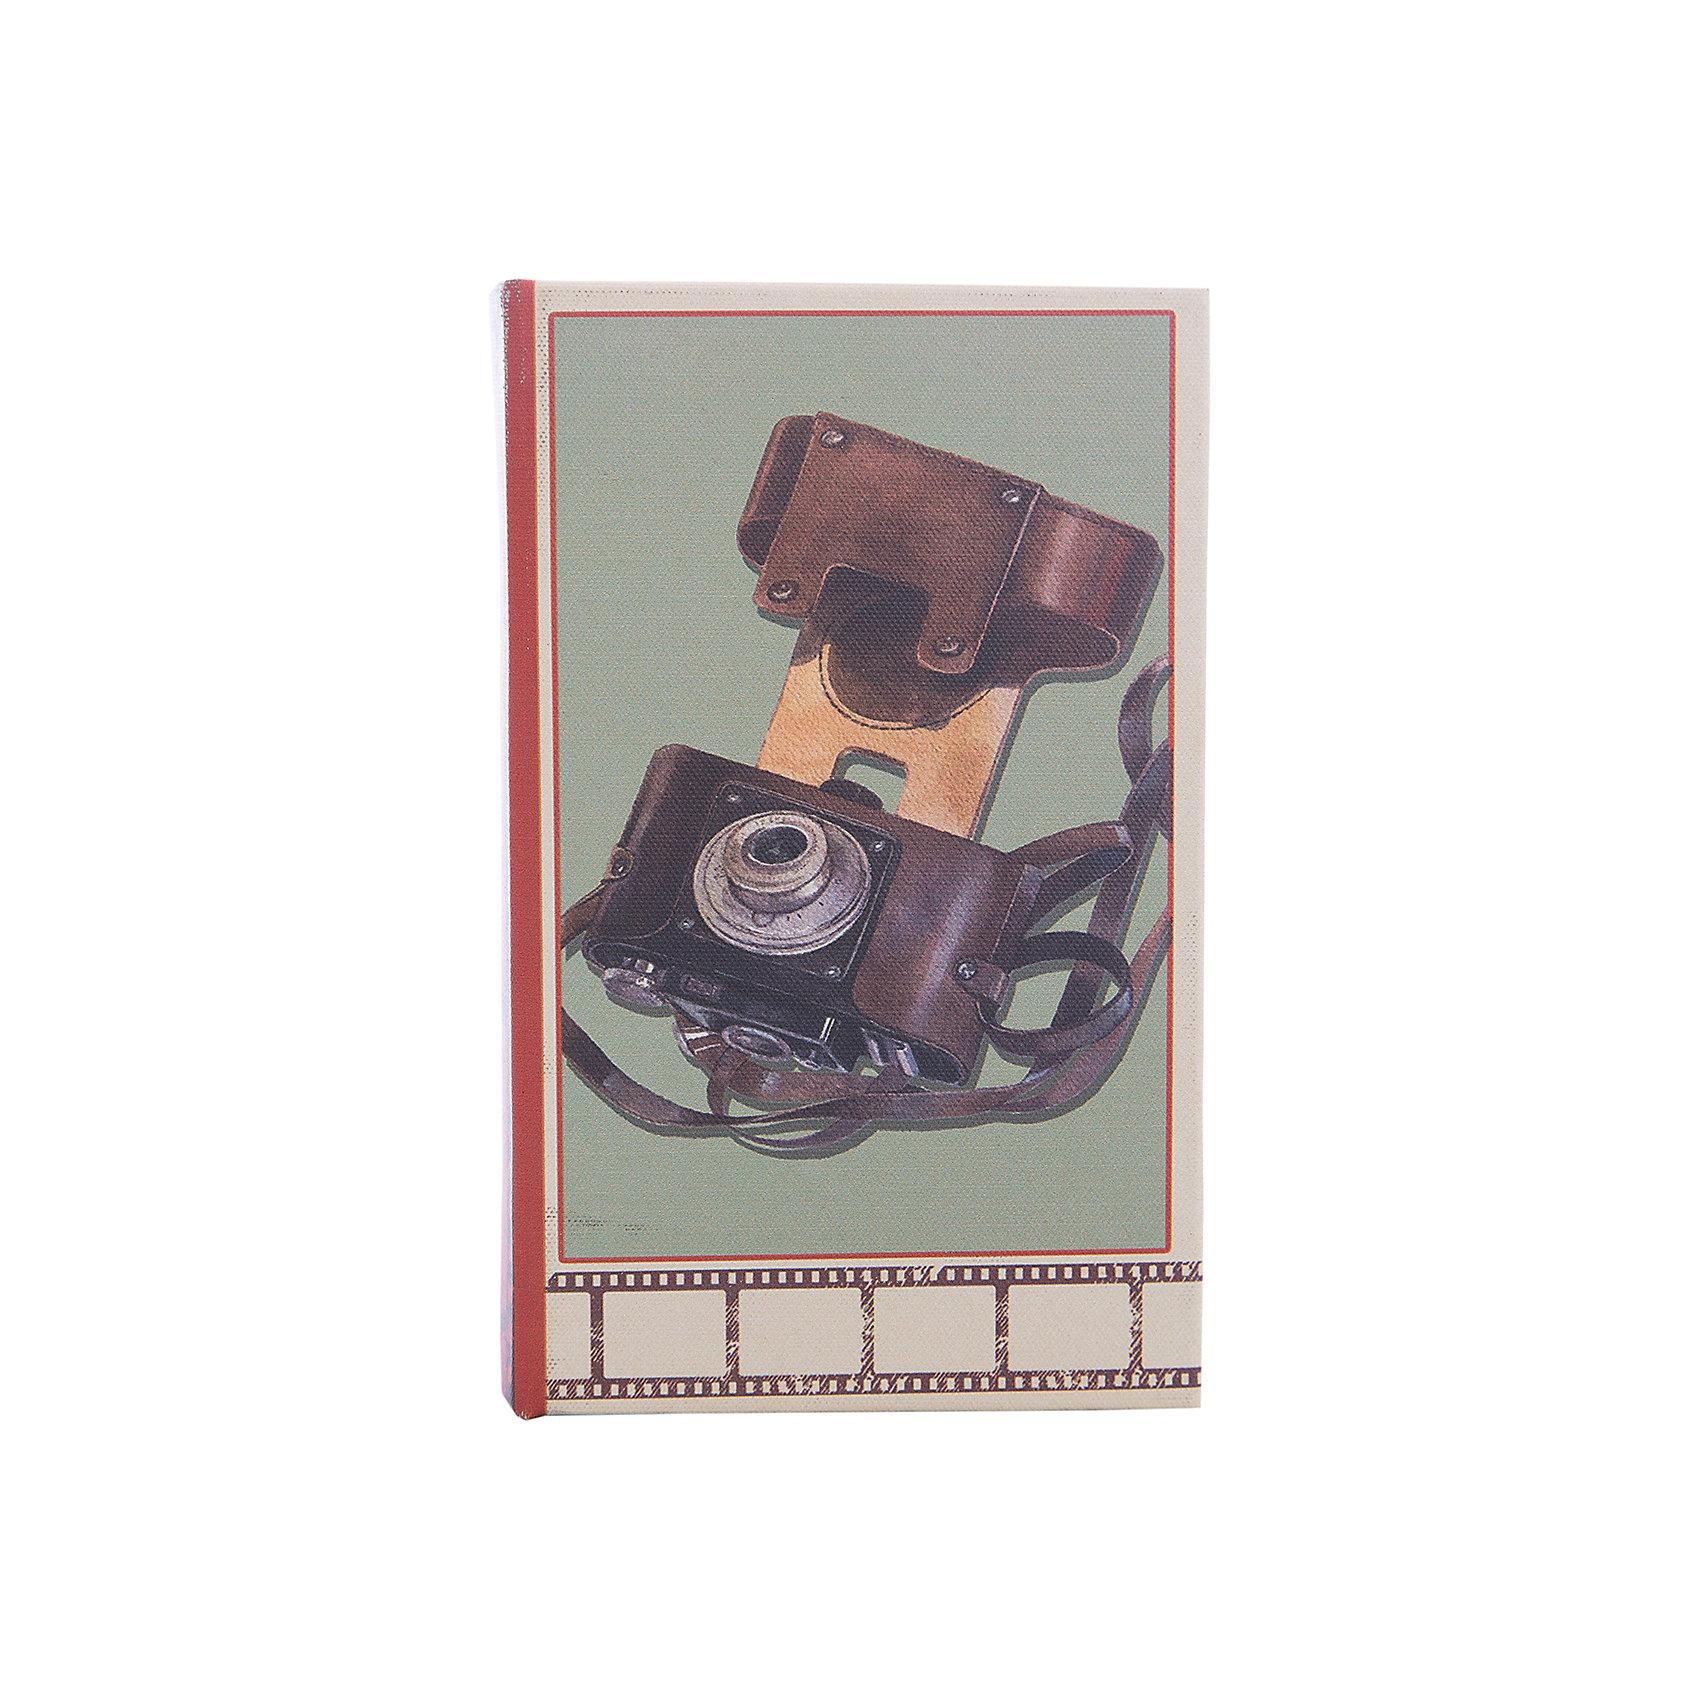 Шкатулка декоративная ФотоаппаратДетские предметы интерьера<br>Декоративная шкатулка Фотоаппарат изготовлена из дерева в форме книги. Она декорирована интересным рисунком с изображением советского фотоаппарата. В такой шкатулке приятно будет приятно хранить вещи, украшения и мелкие безделушки.<br><br>Дополнительная информация:<br>Материал: МДФ<br>Размер: 5х17х11 см<br>Вы можете купить декоративную шкатулку Фотоаппарат в нашем интернет-магазине.<br><br>Ширина мм: 390<br>Глубина мм: 370<br>Высота мм: 380<br>Вес г: 307<br>Возраст от месяцев: 84<br>Возраст до месяцев: 216<br>Пол: Унисекс<br>Возраст: Детский<br>SKU: 4957984